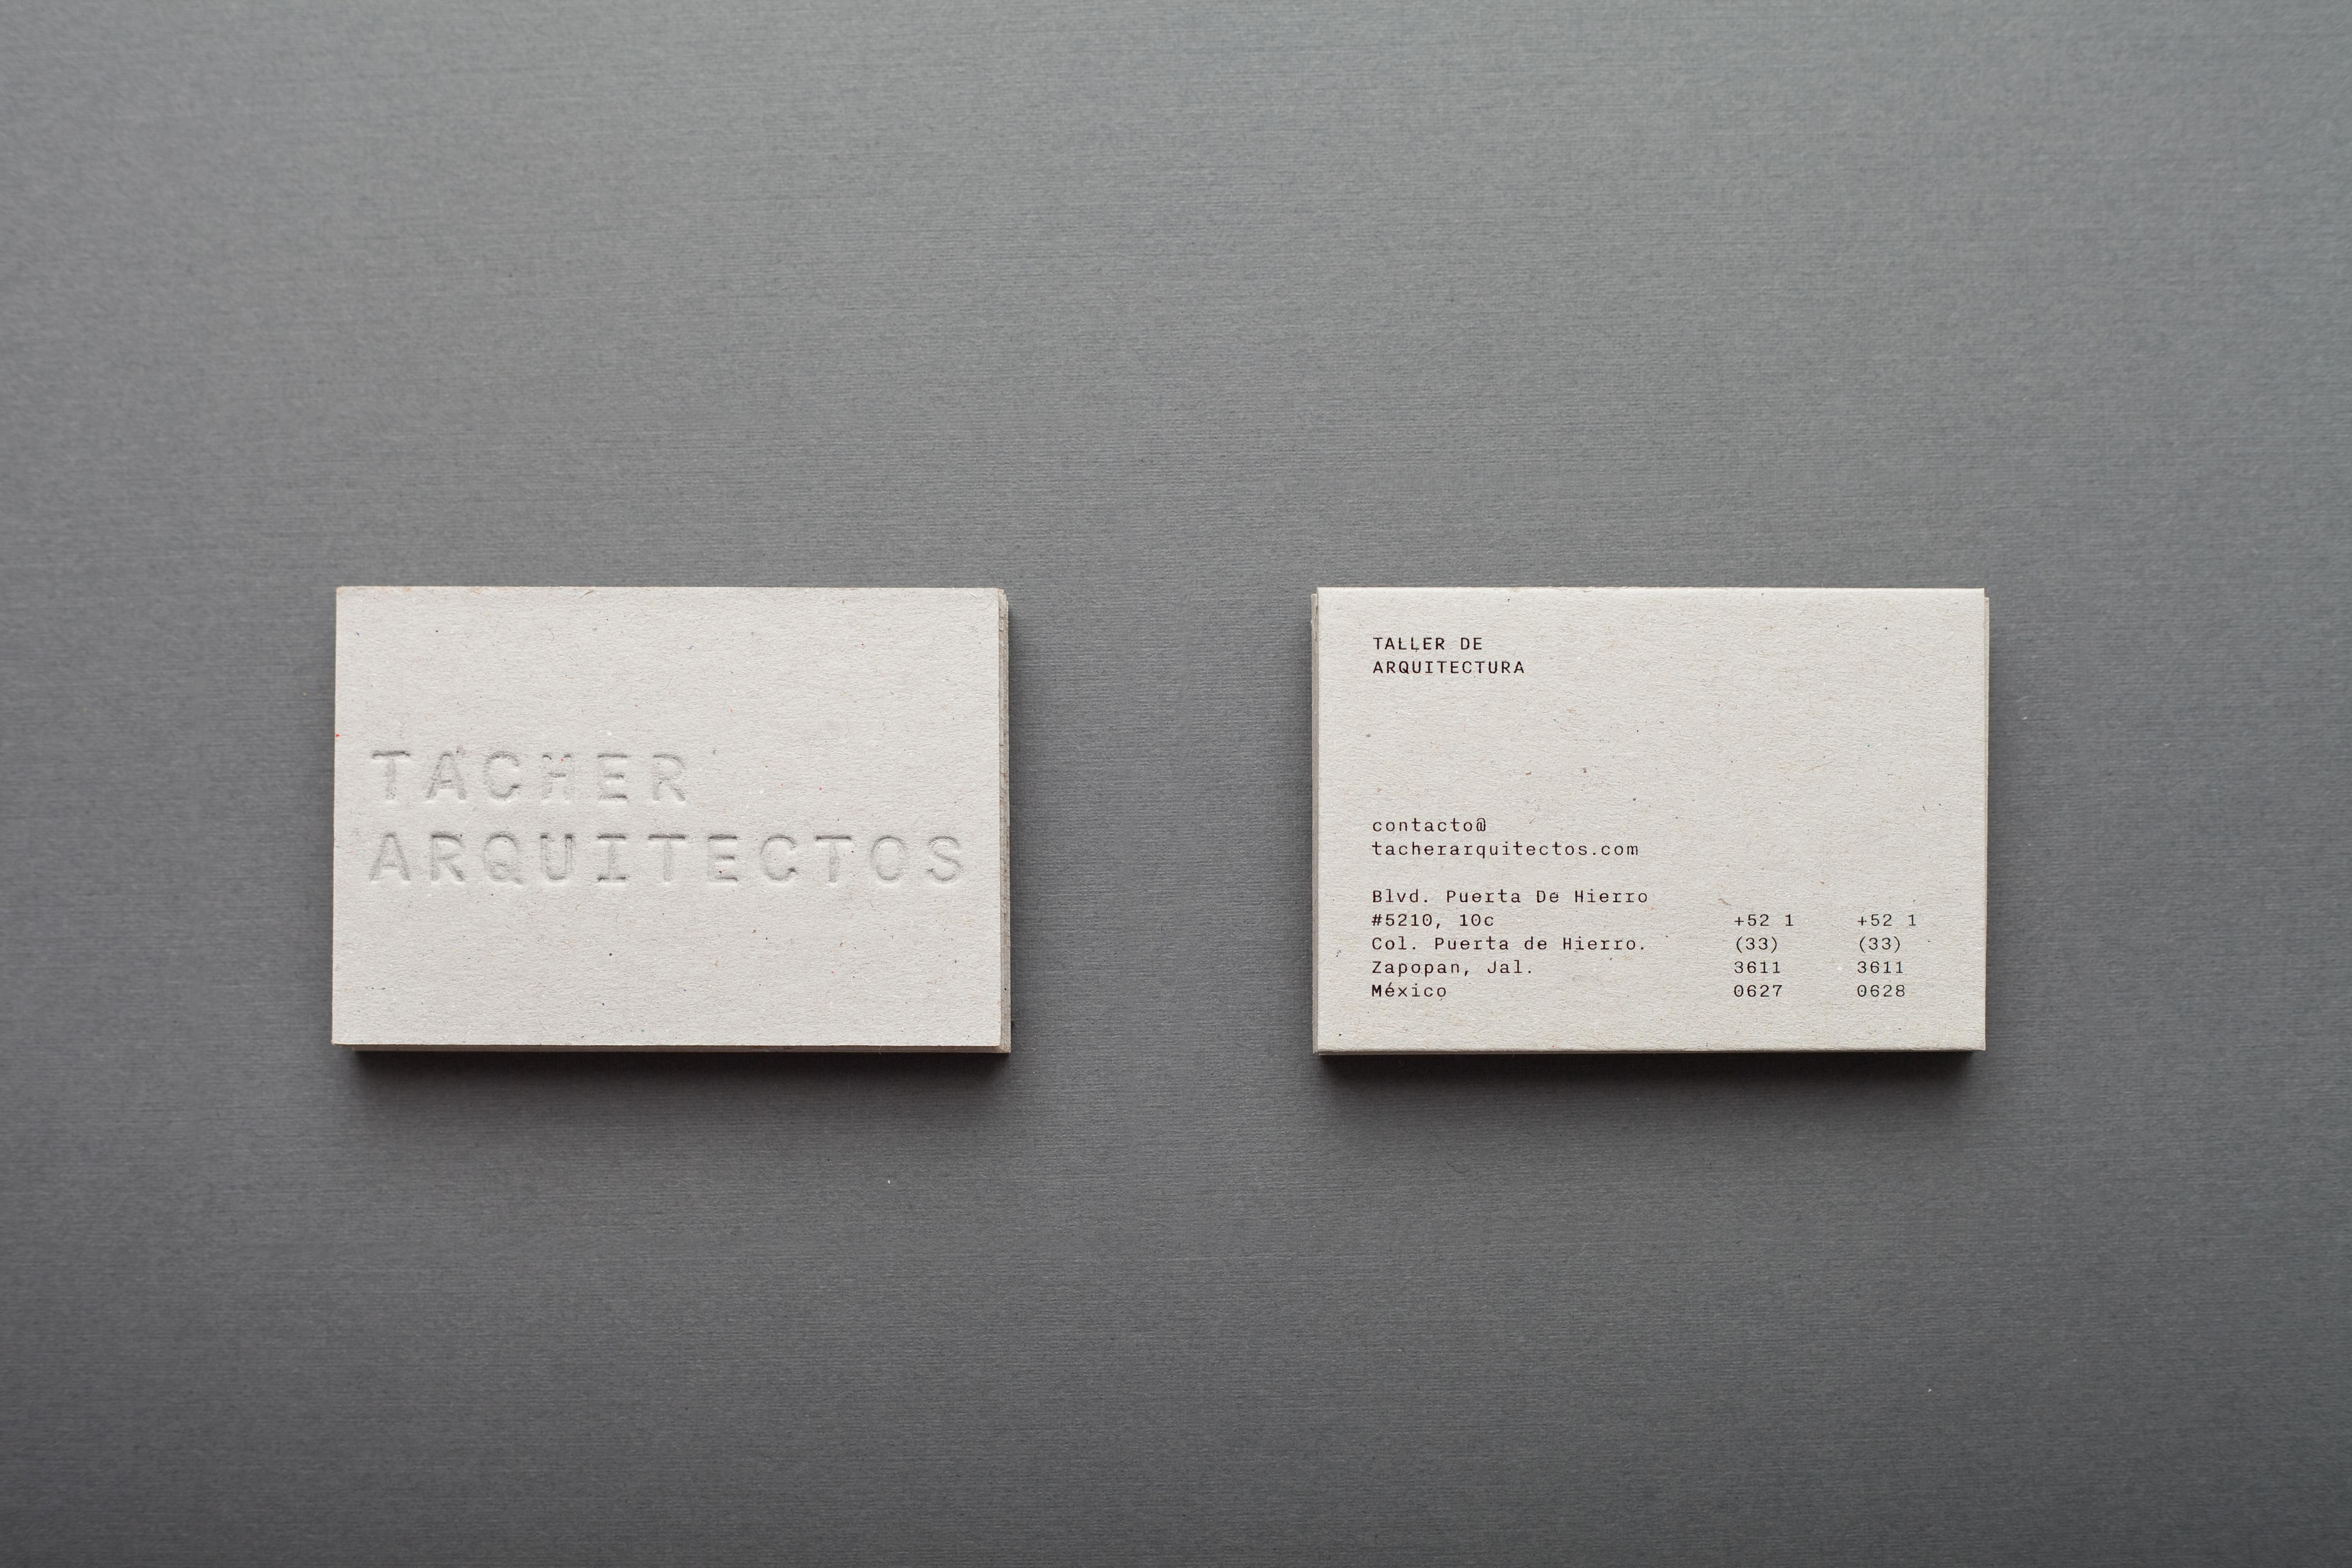 TACHER-Tarjetas-front